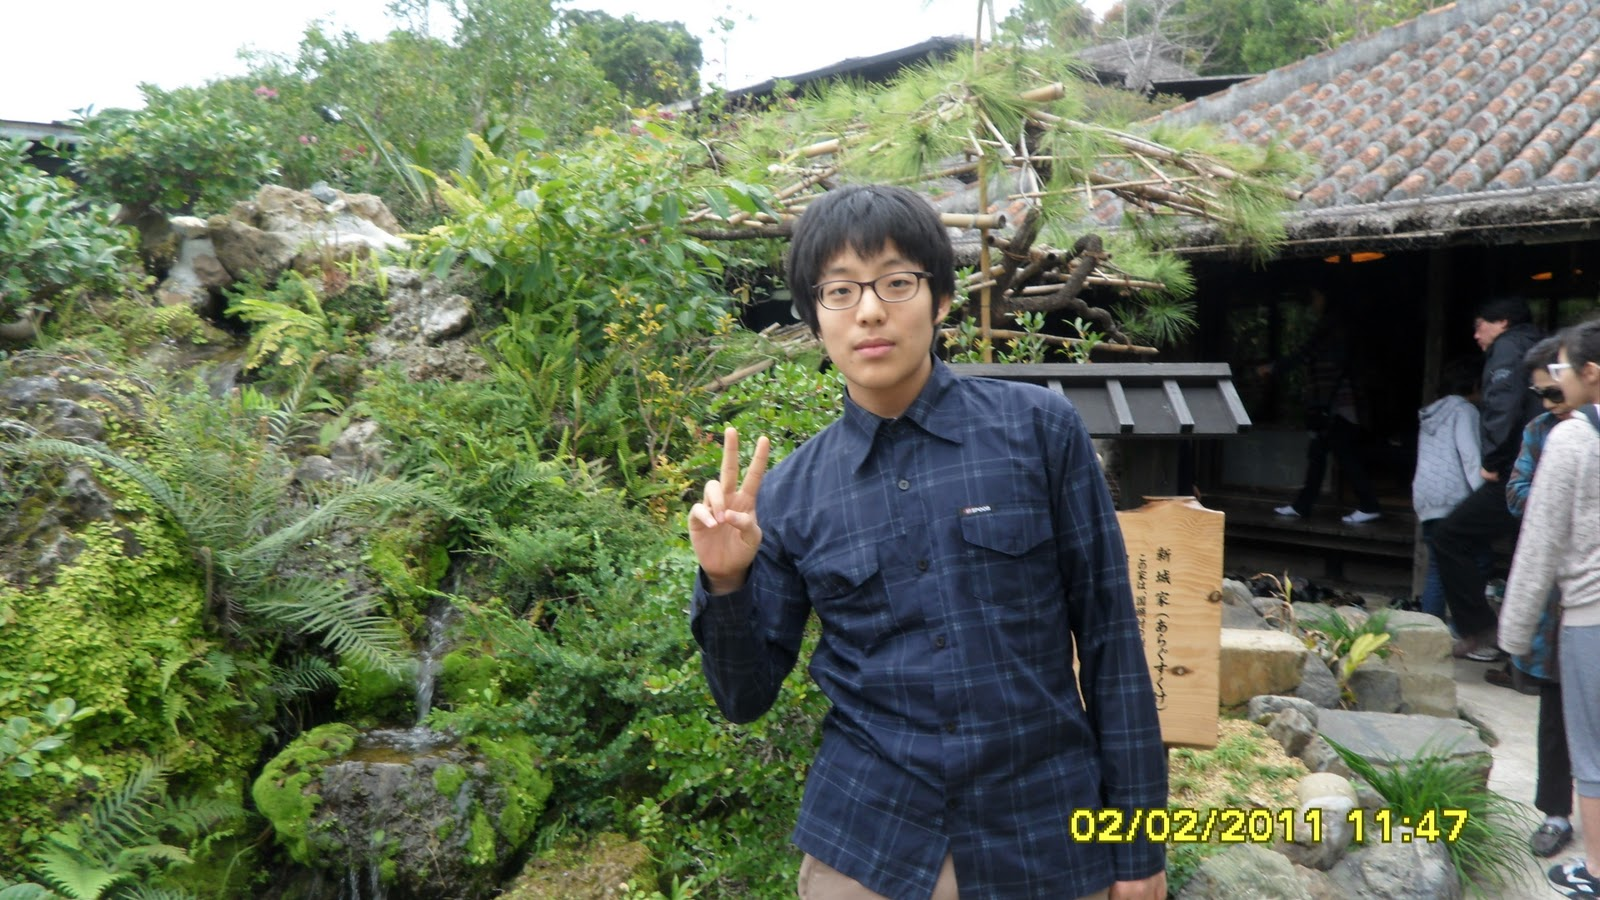 모두행복하세요: 일본 정원